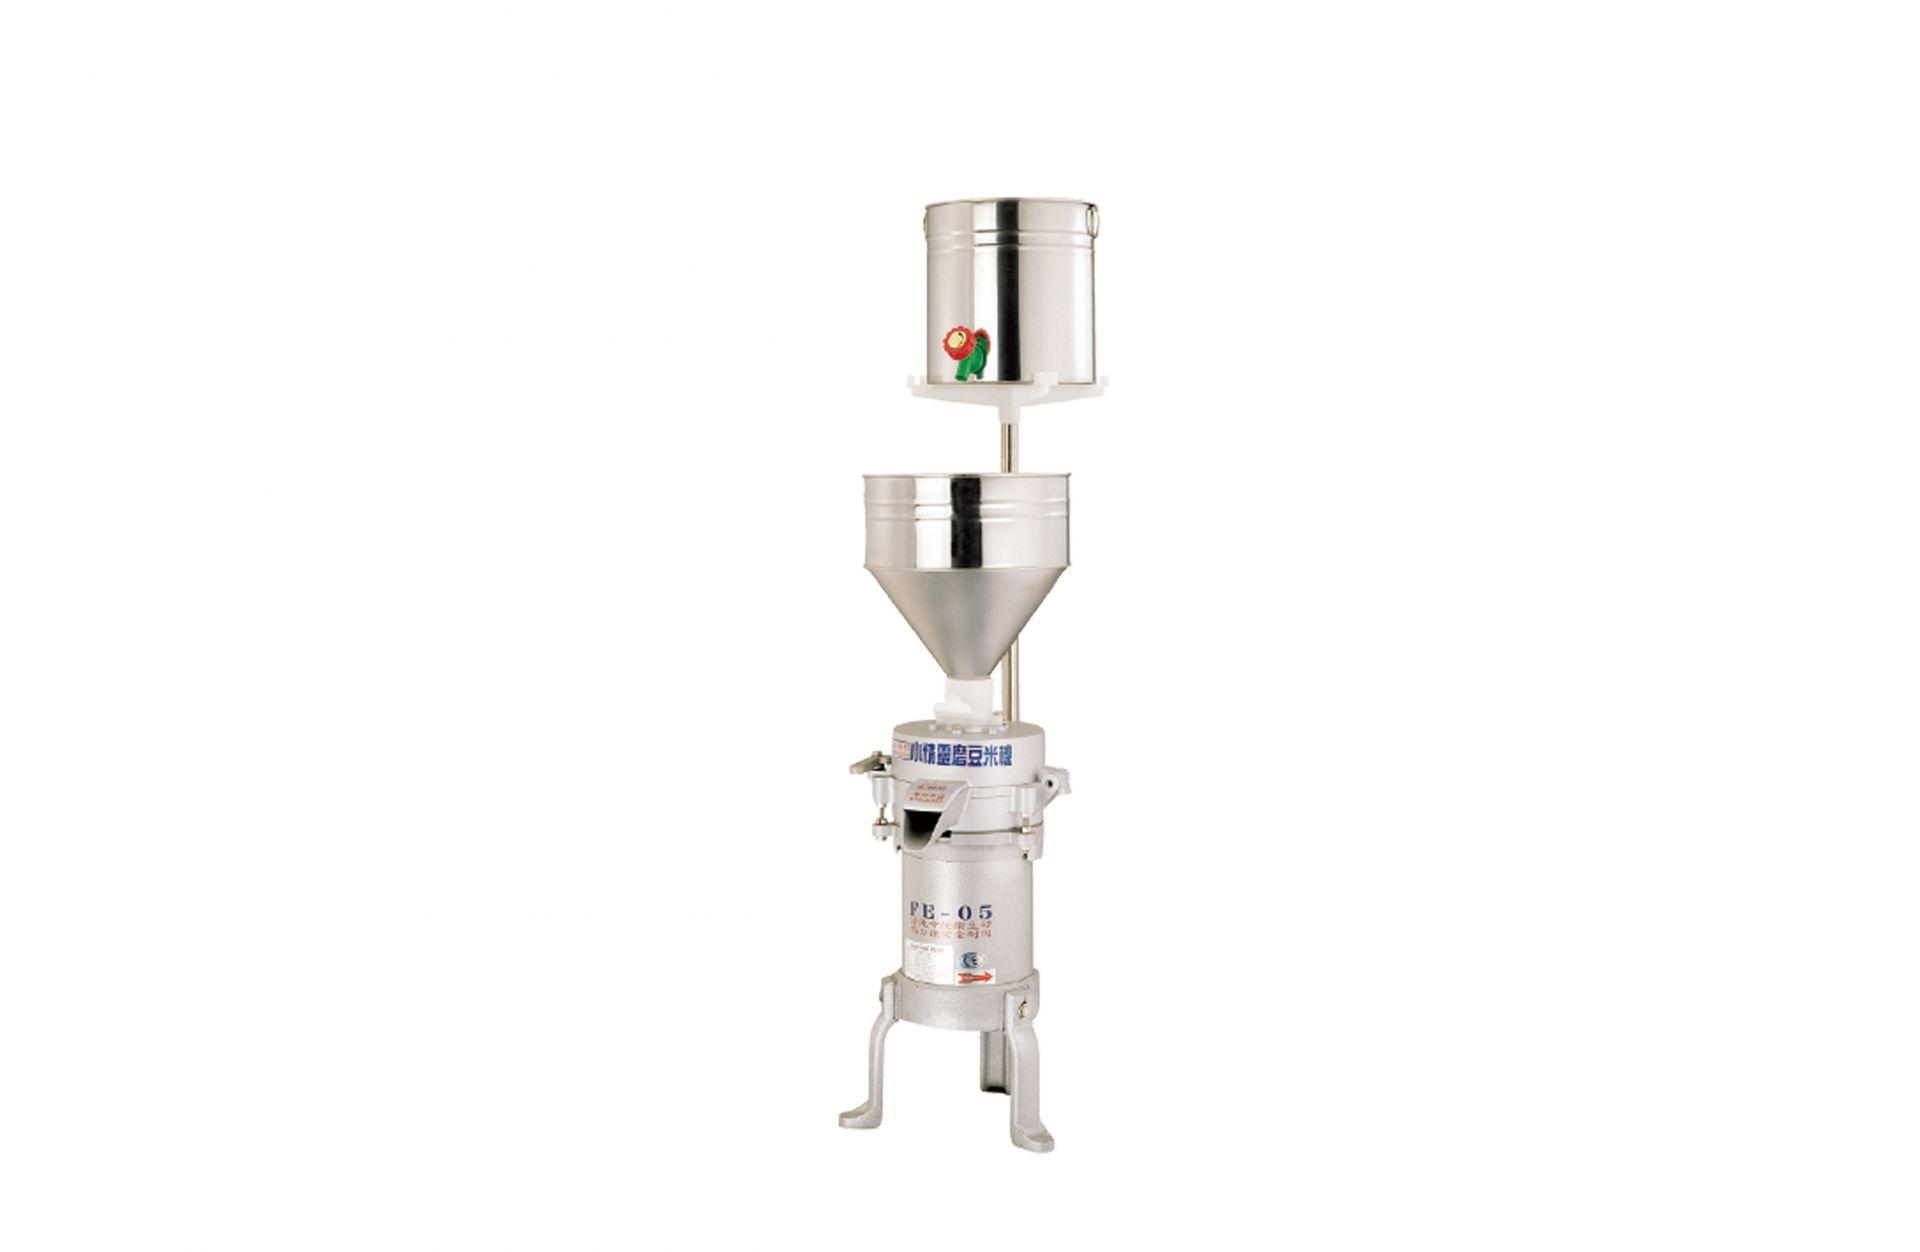 磨豆米機系列 - 磨豆米機